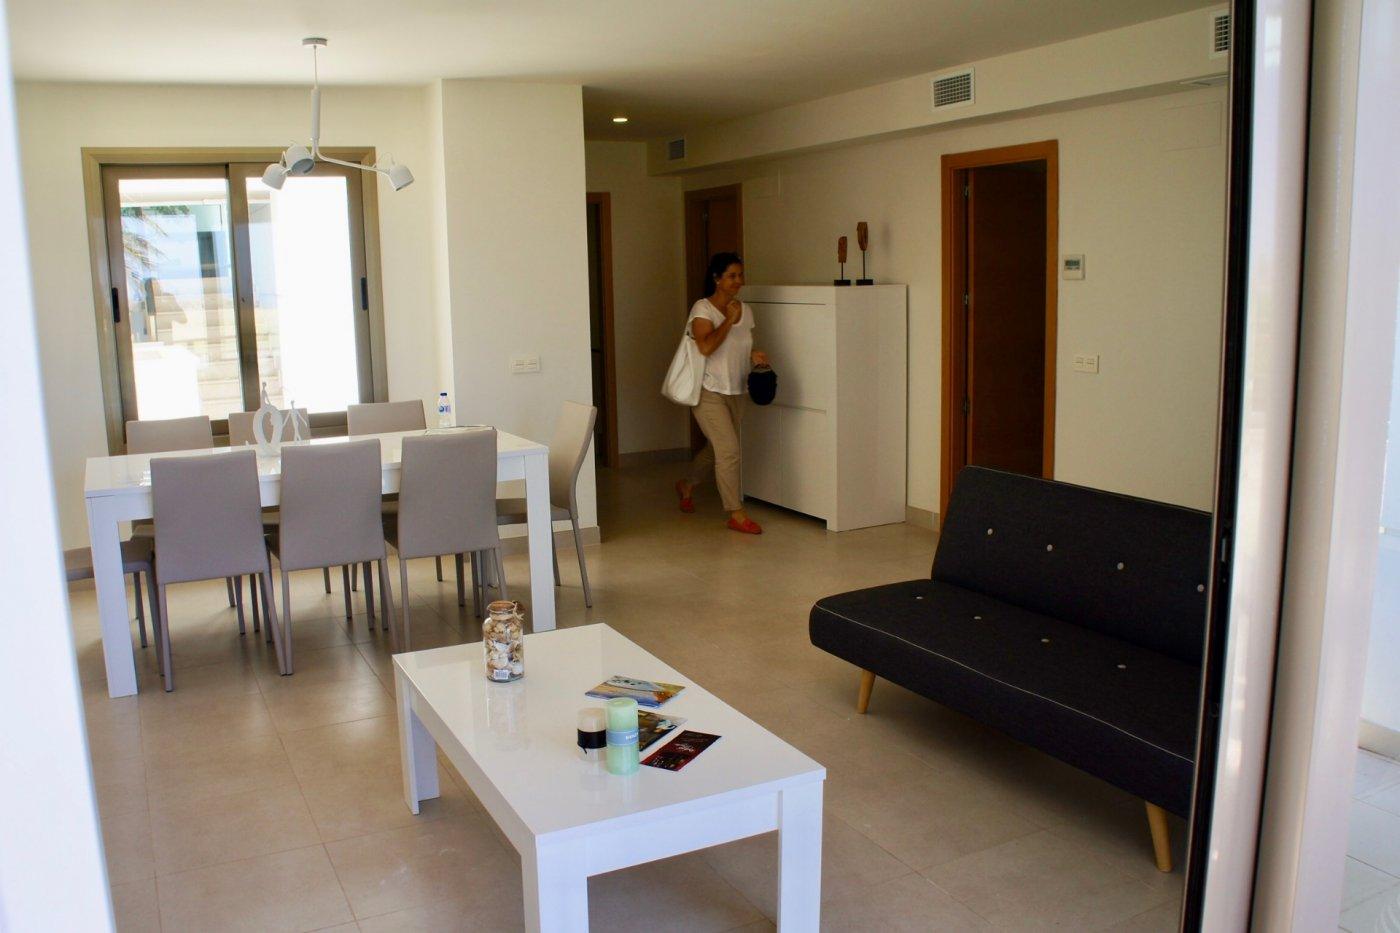 Imagen de la galería 4 of Gran apartamento orientado al sur de 3 dormitorios y 2 baños con preciosas vistas y 75 m2 de teraza